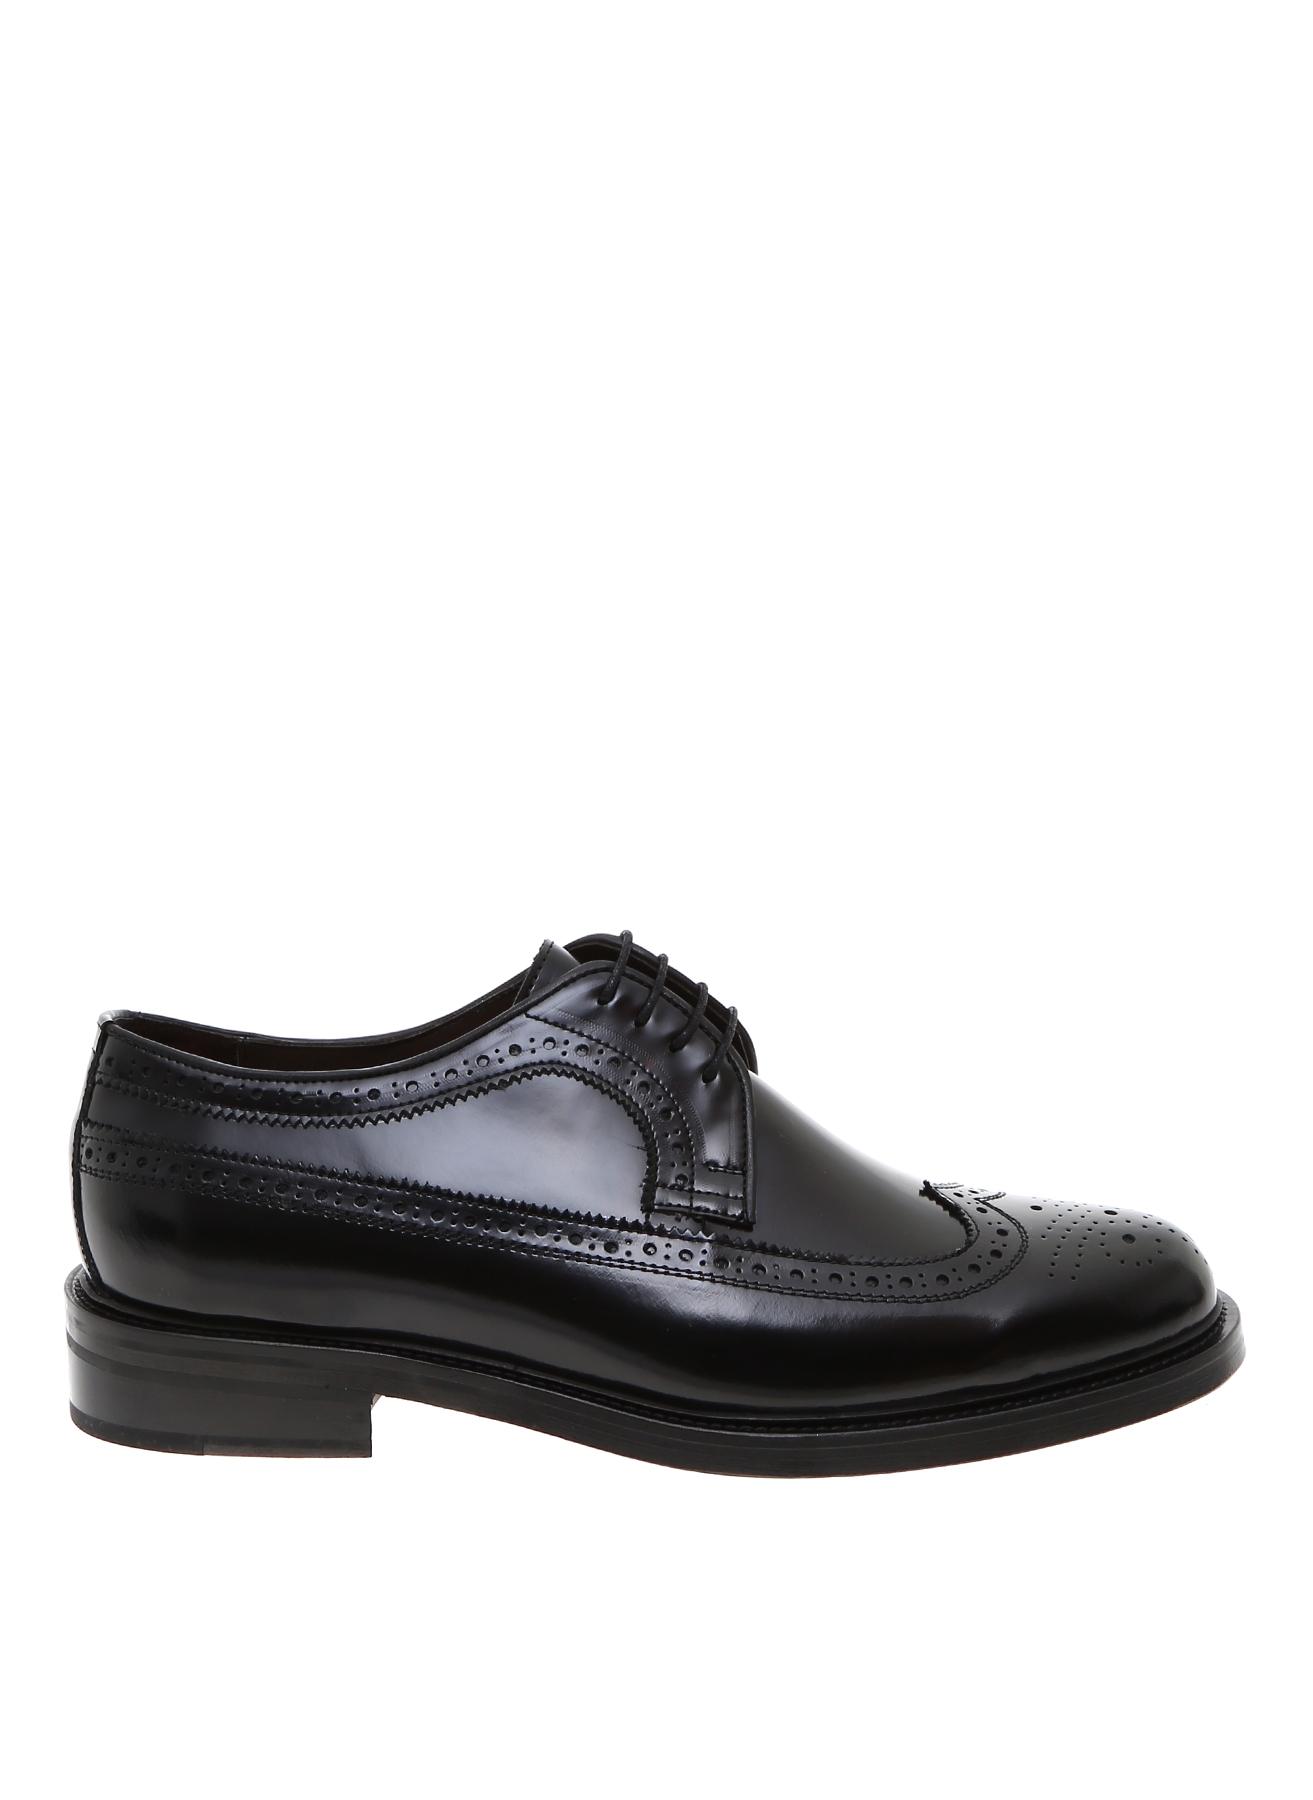 George Hogg Erkek Klasik Ayakkabı 45 5001909213001 Ürün Resmi